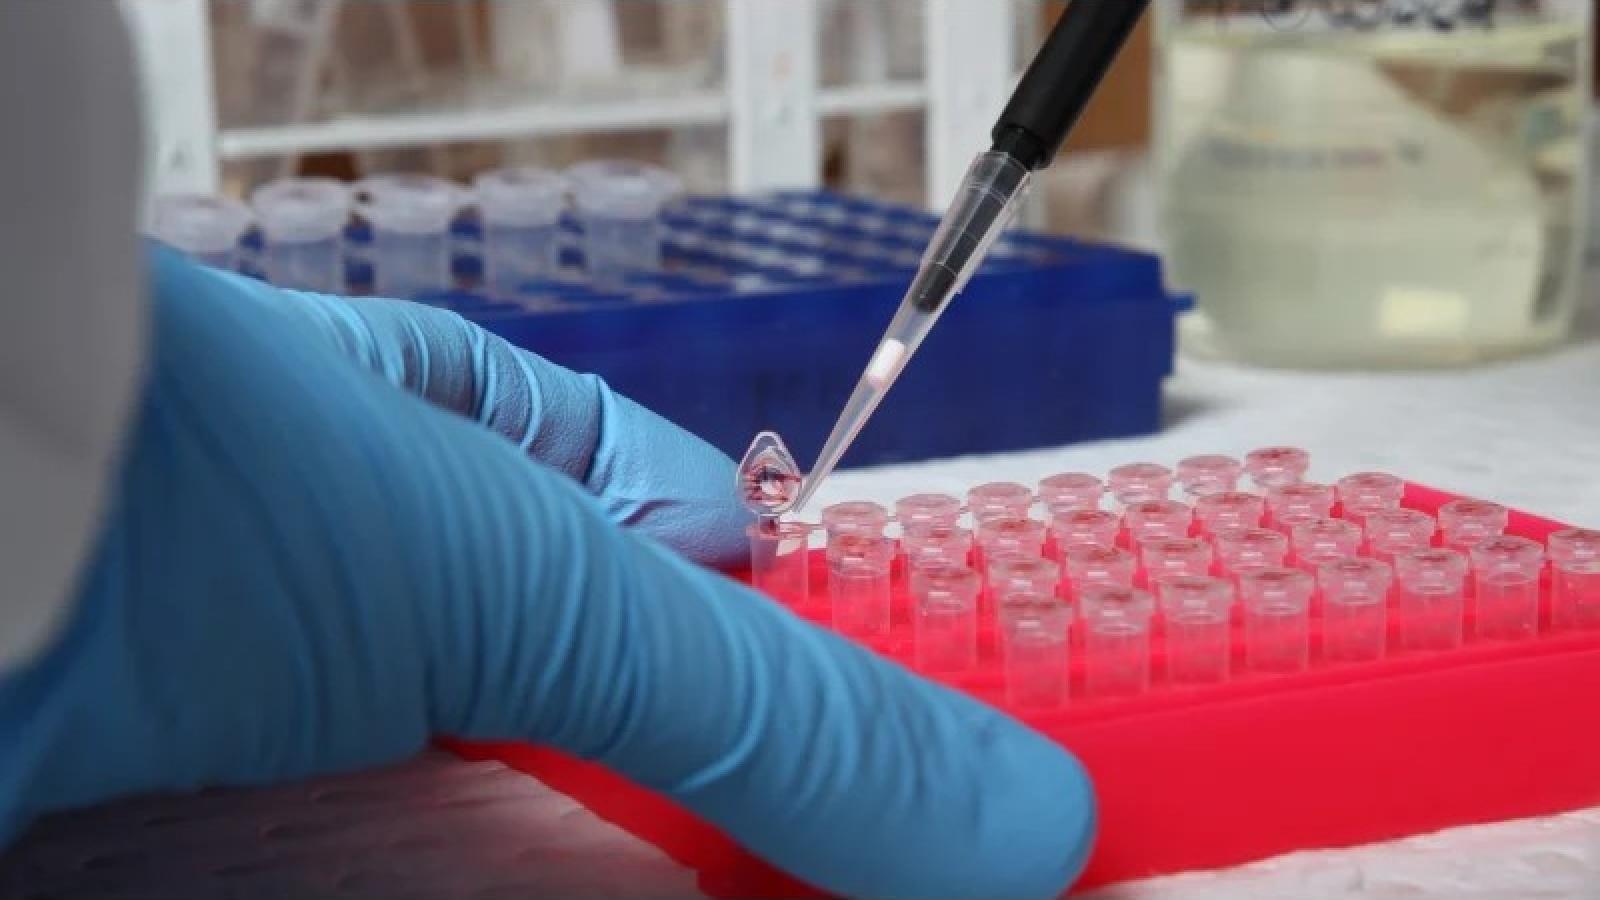 Hiệp hội Y khoa Australia kêu gọi chính phủ cẩn trọng với vaccine Covid-19